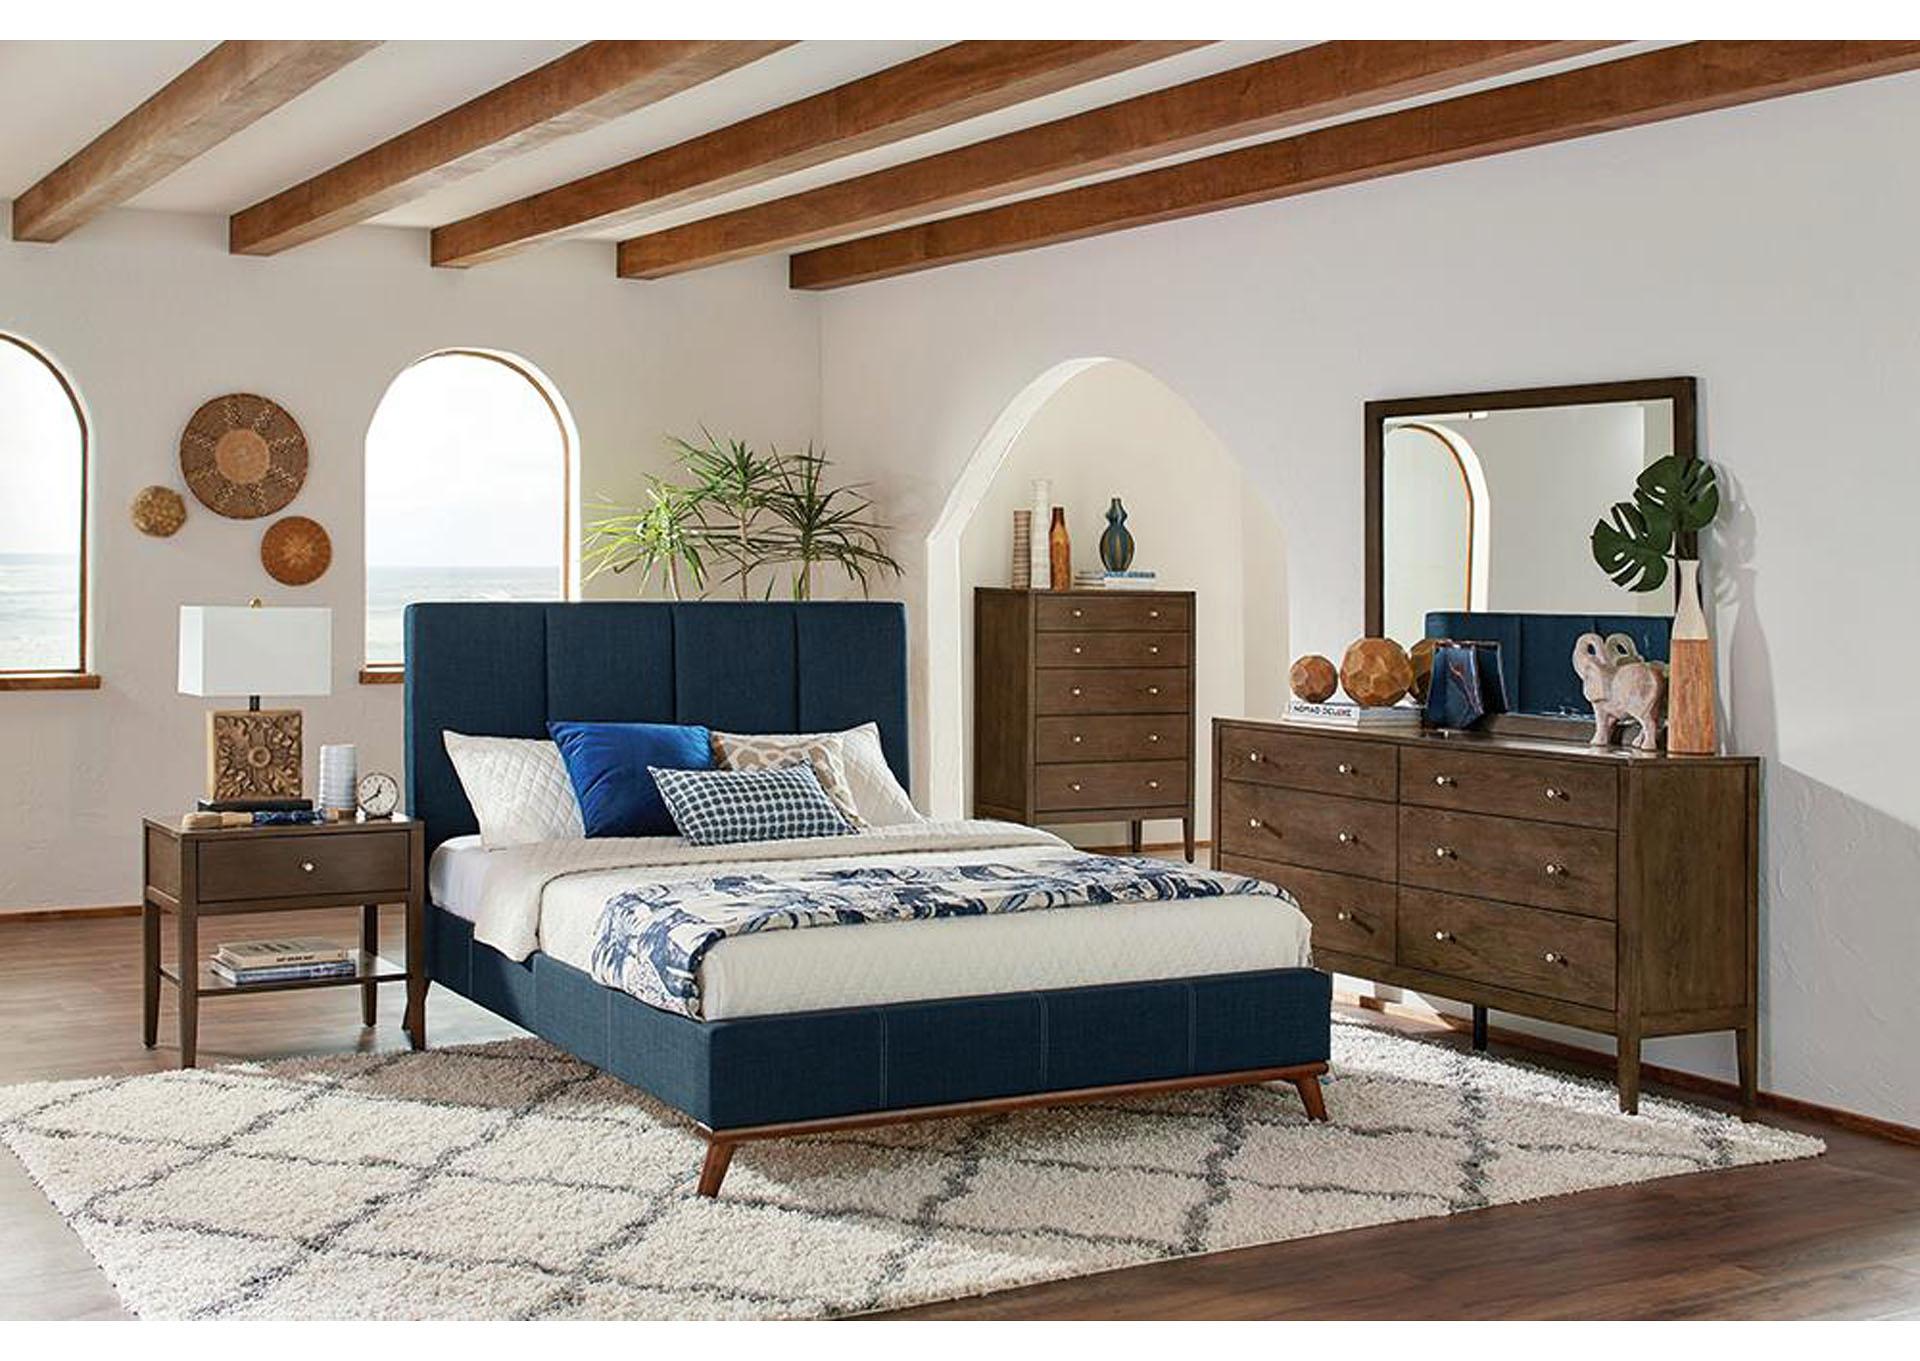 Gray Nickel 5 Piece Queen Bedroom Set Best Buy Furniture And Mattress